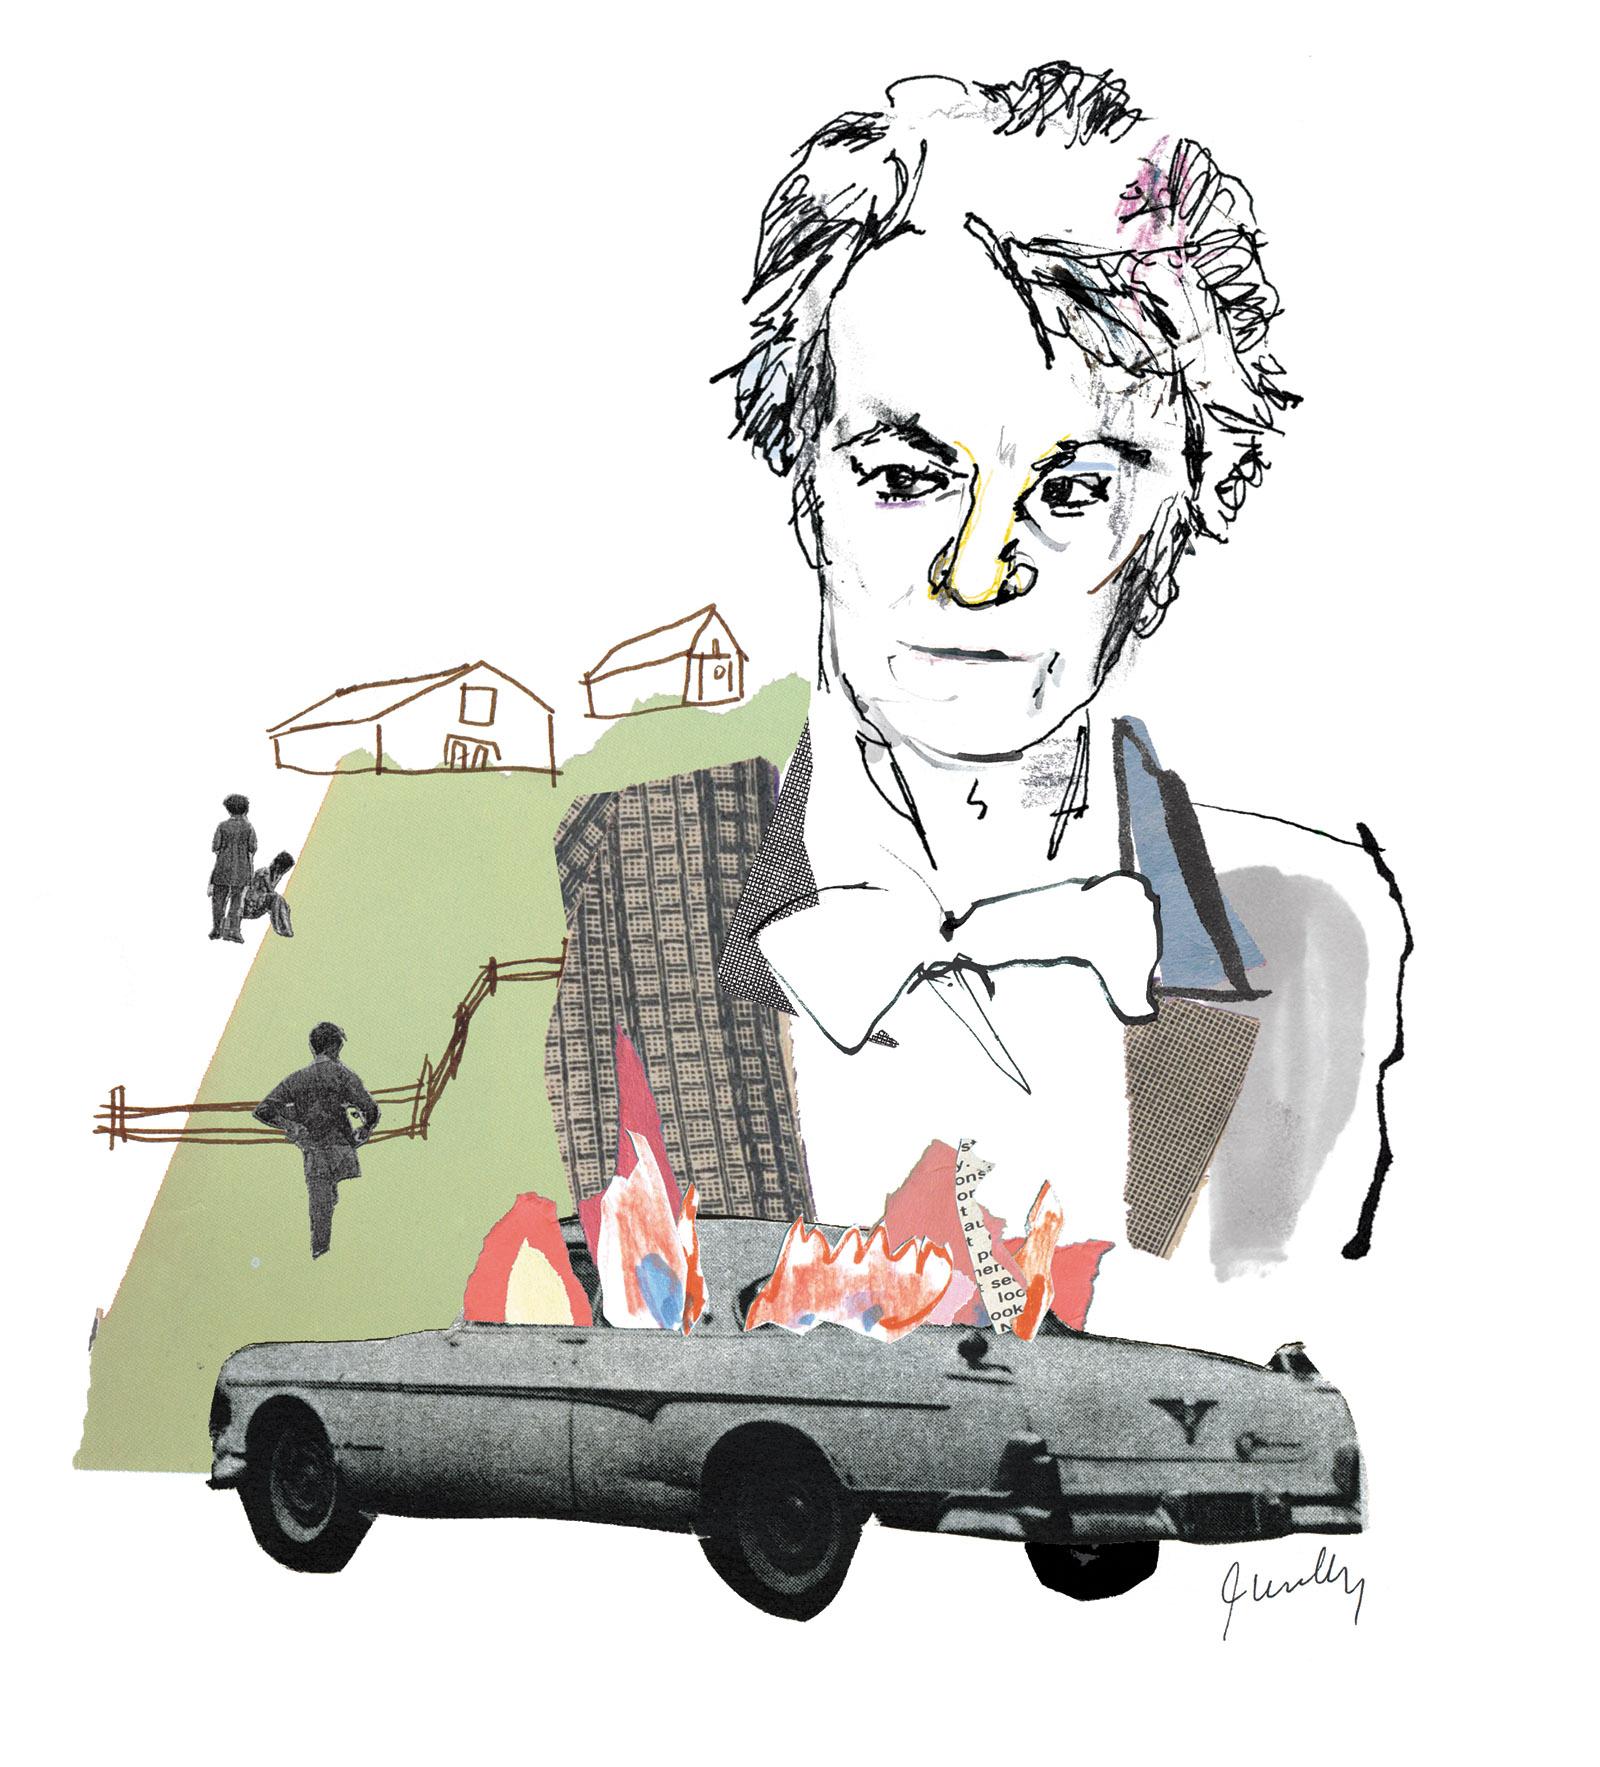 Drawing of Harper Lee